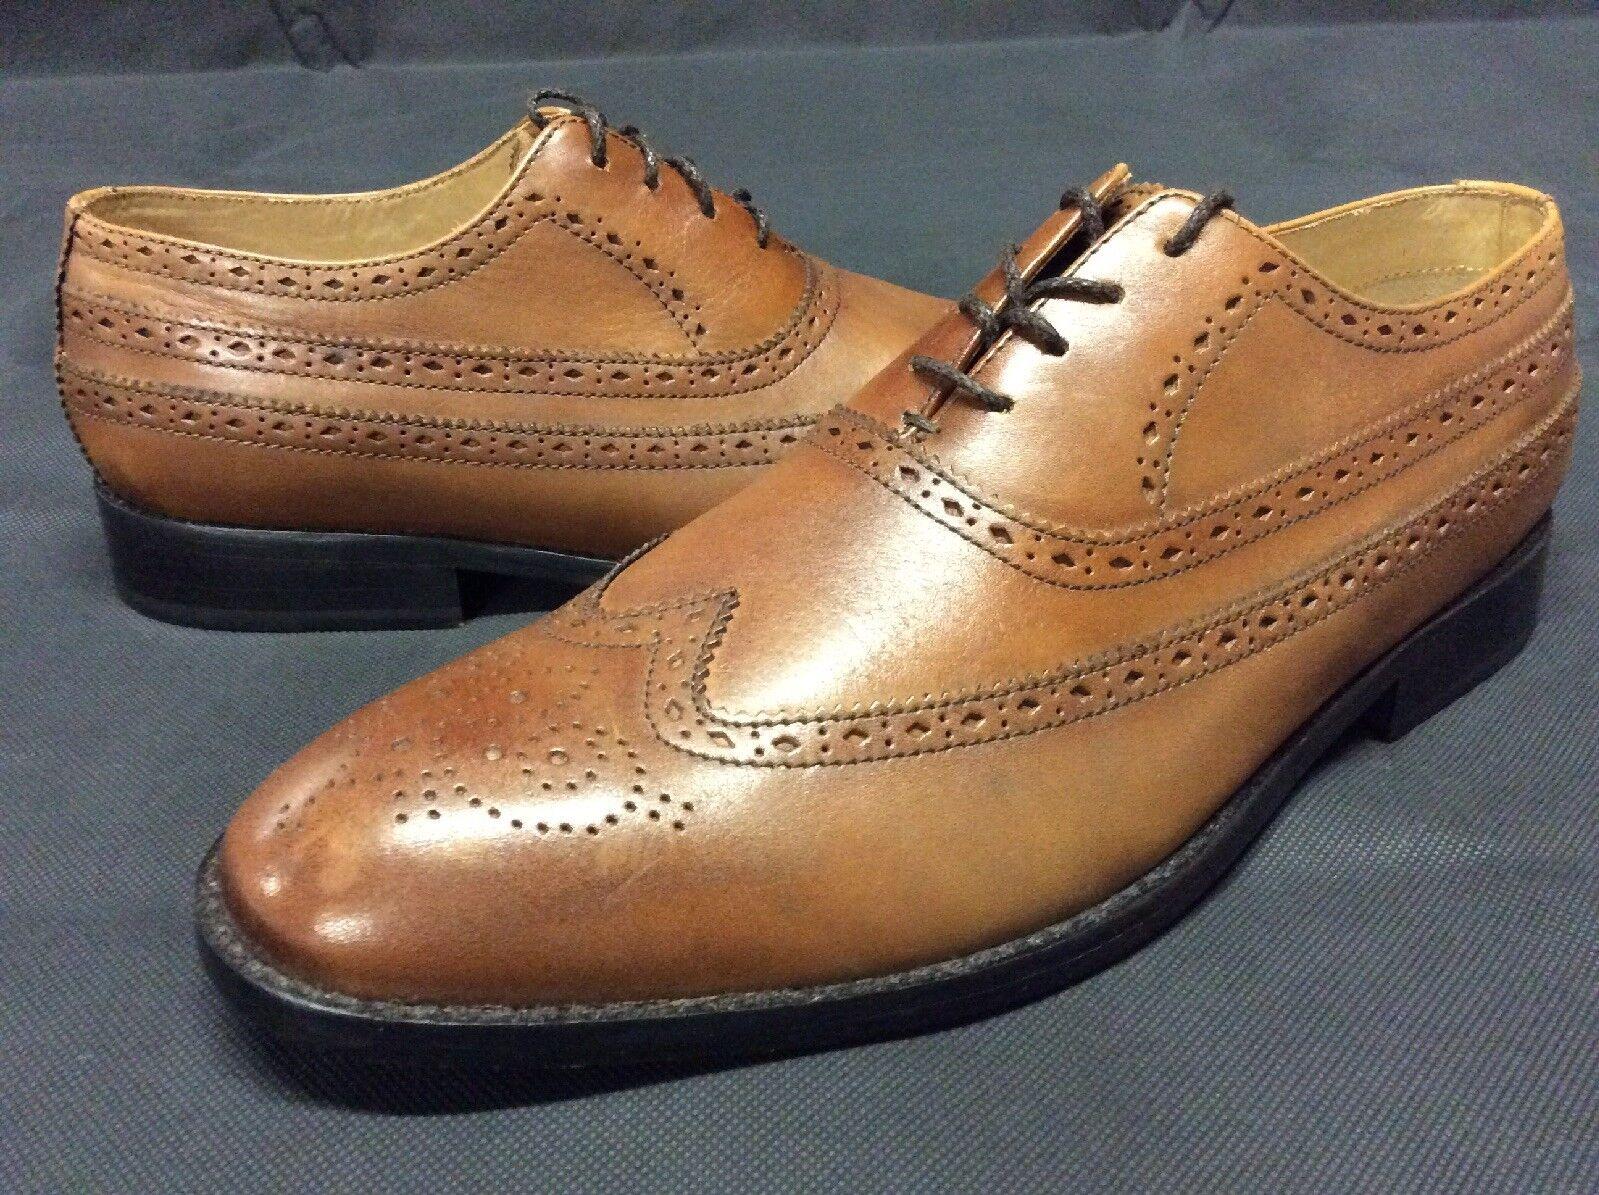 Ben Sherman HENRY COGNAC Uomo's Oxford Dress Shoes, Brown, Size 8